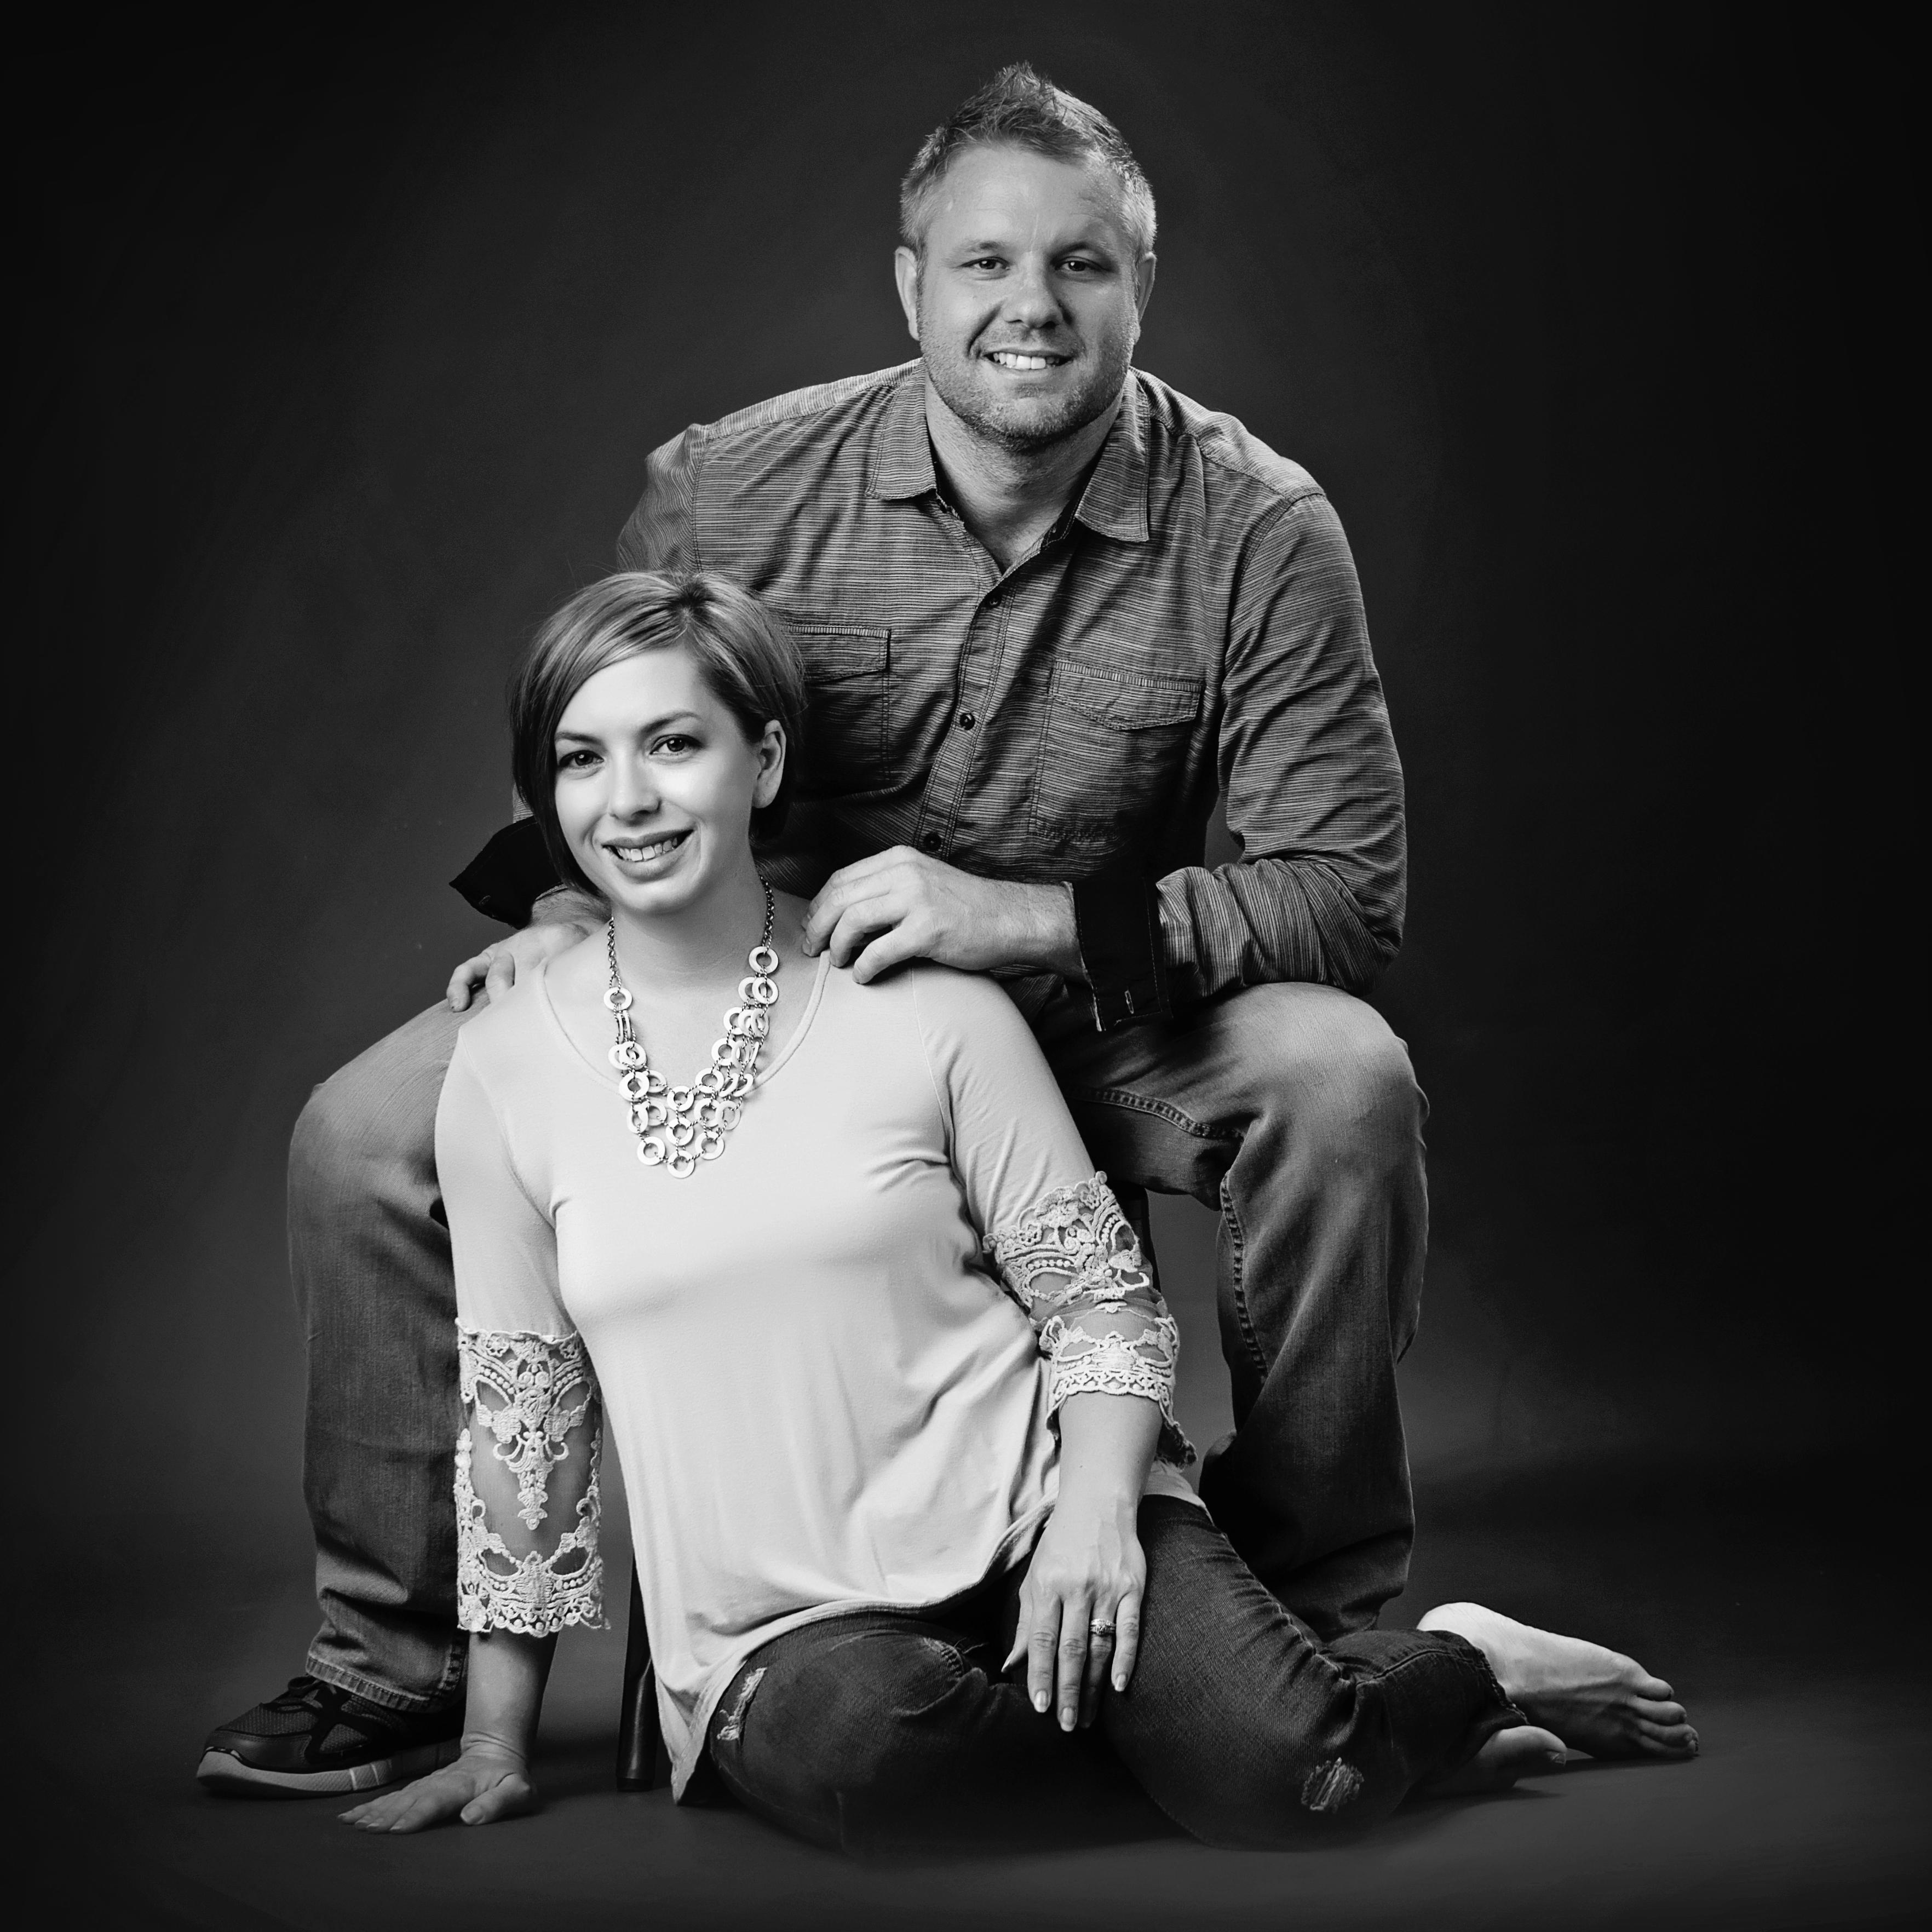 Jason & April Lloyd